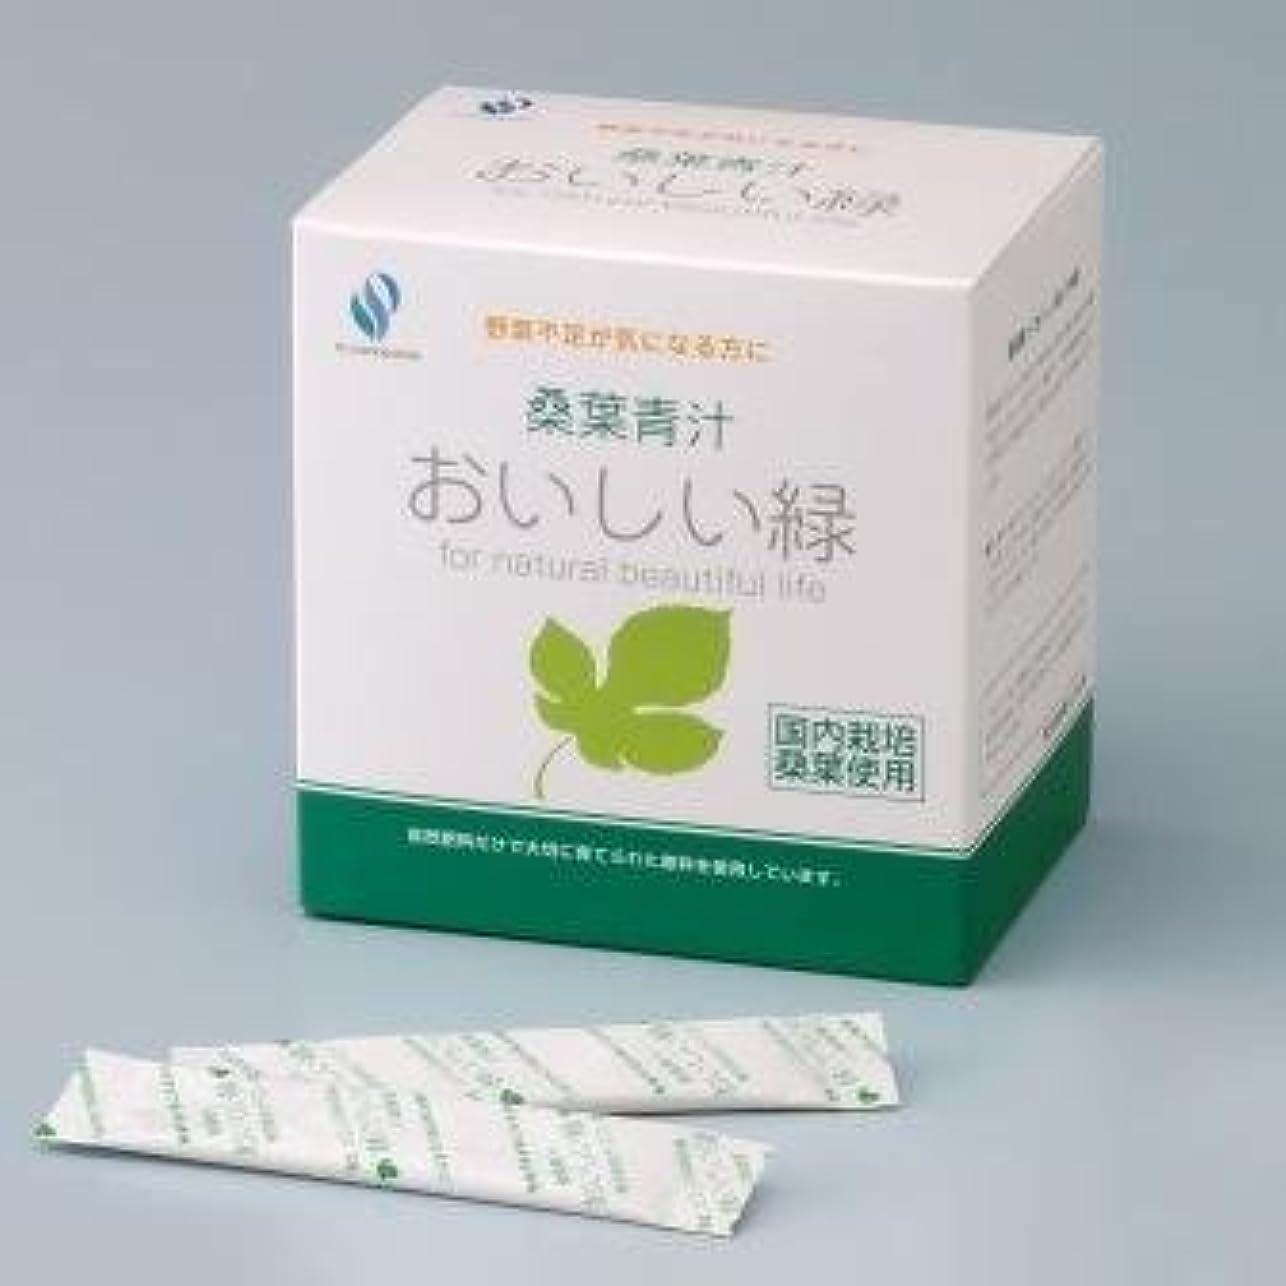 ランドマークどれ近傍【栄養補助食品】 桑葉青汁 おいしい緑 (本体(2gx60本入り))